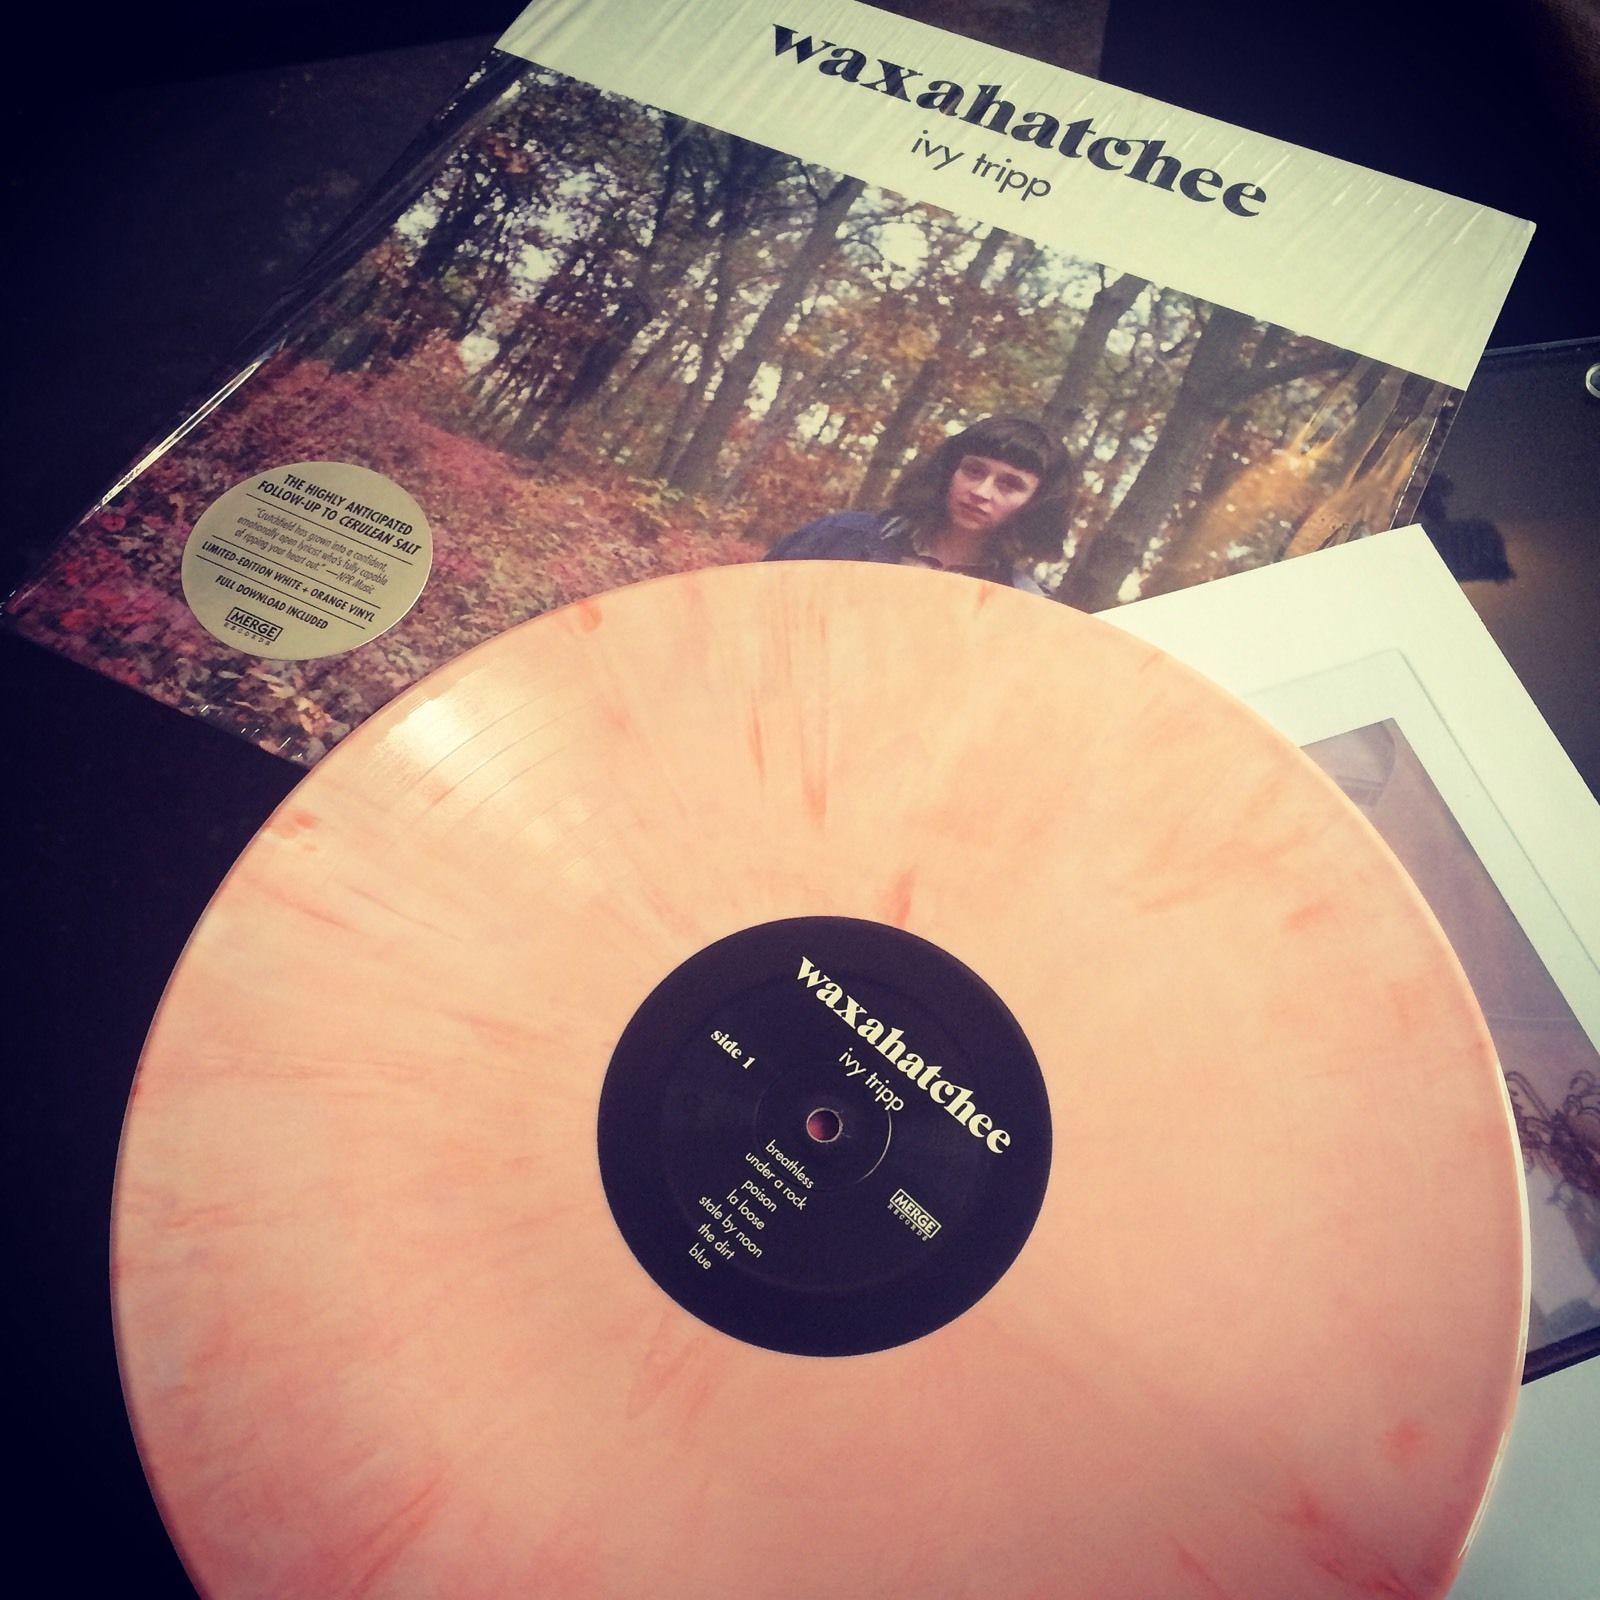 Waxahatchee vinyl